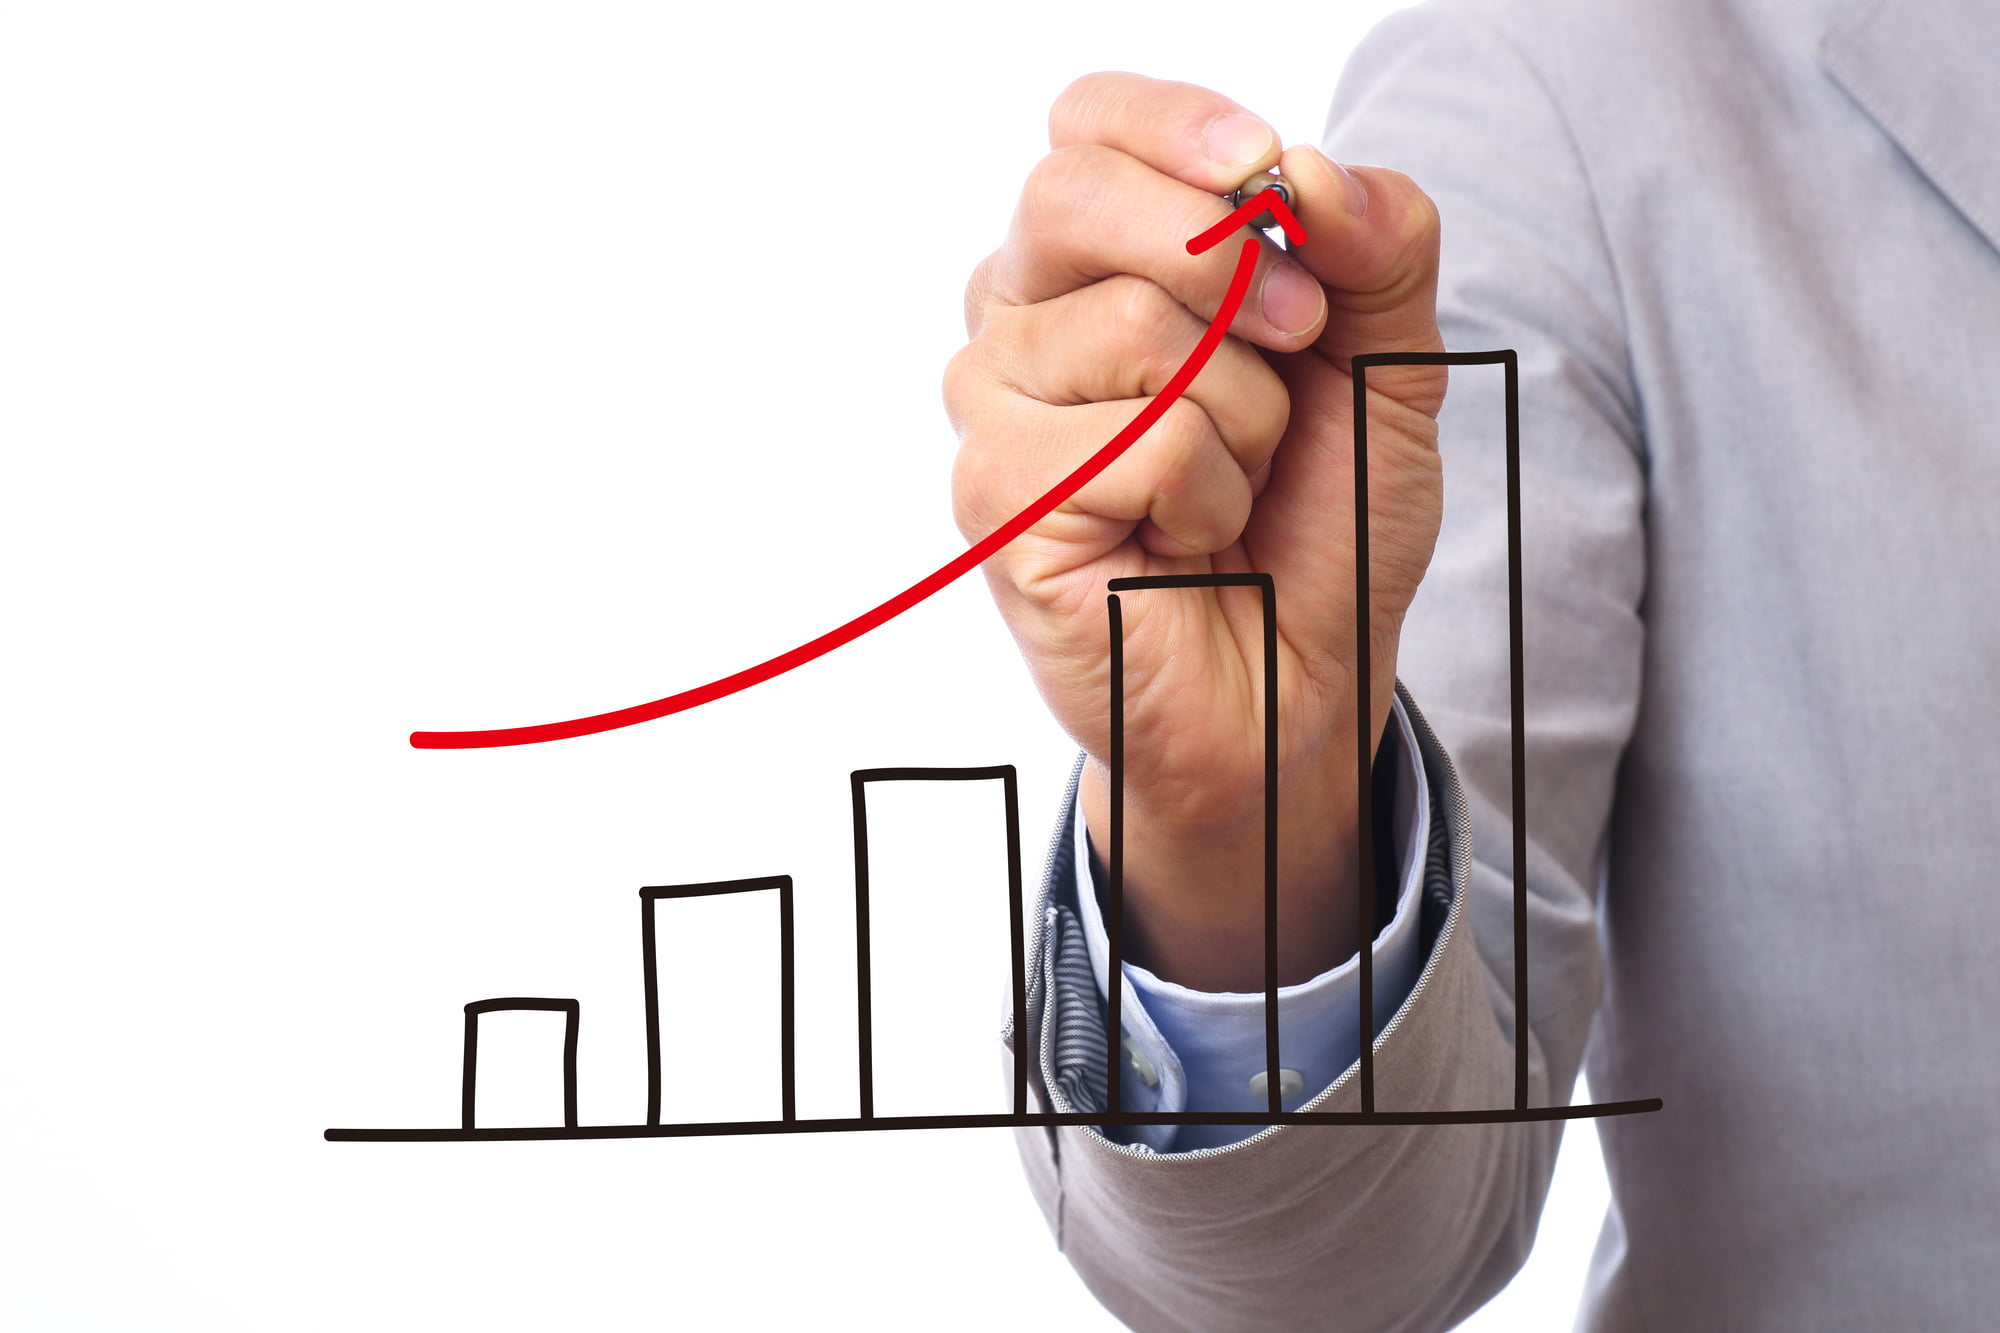 派遣-派遣会社の売上のグラフ